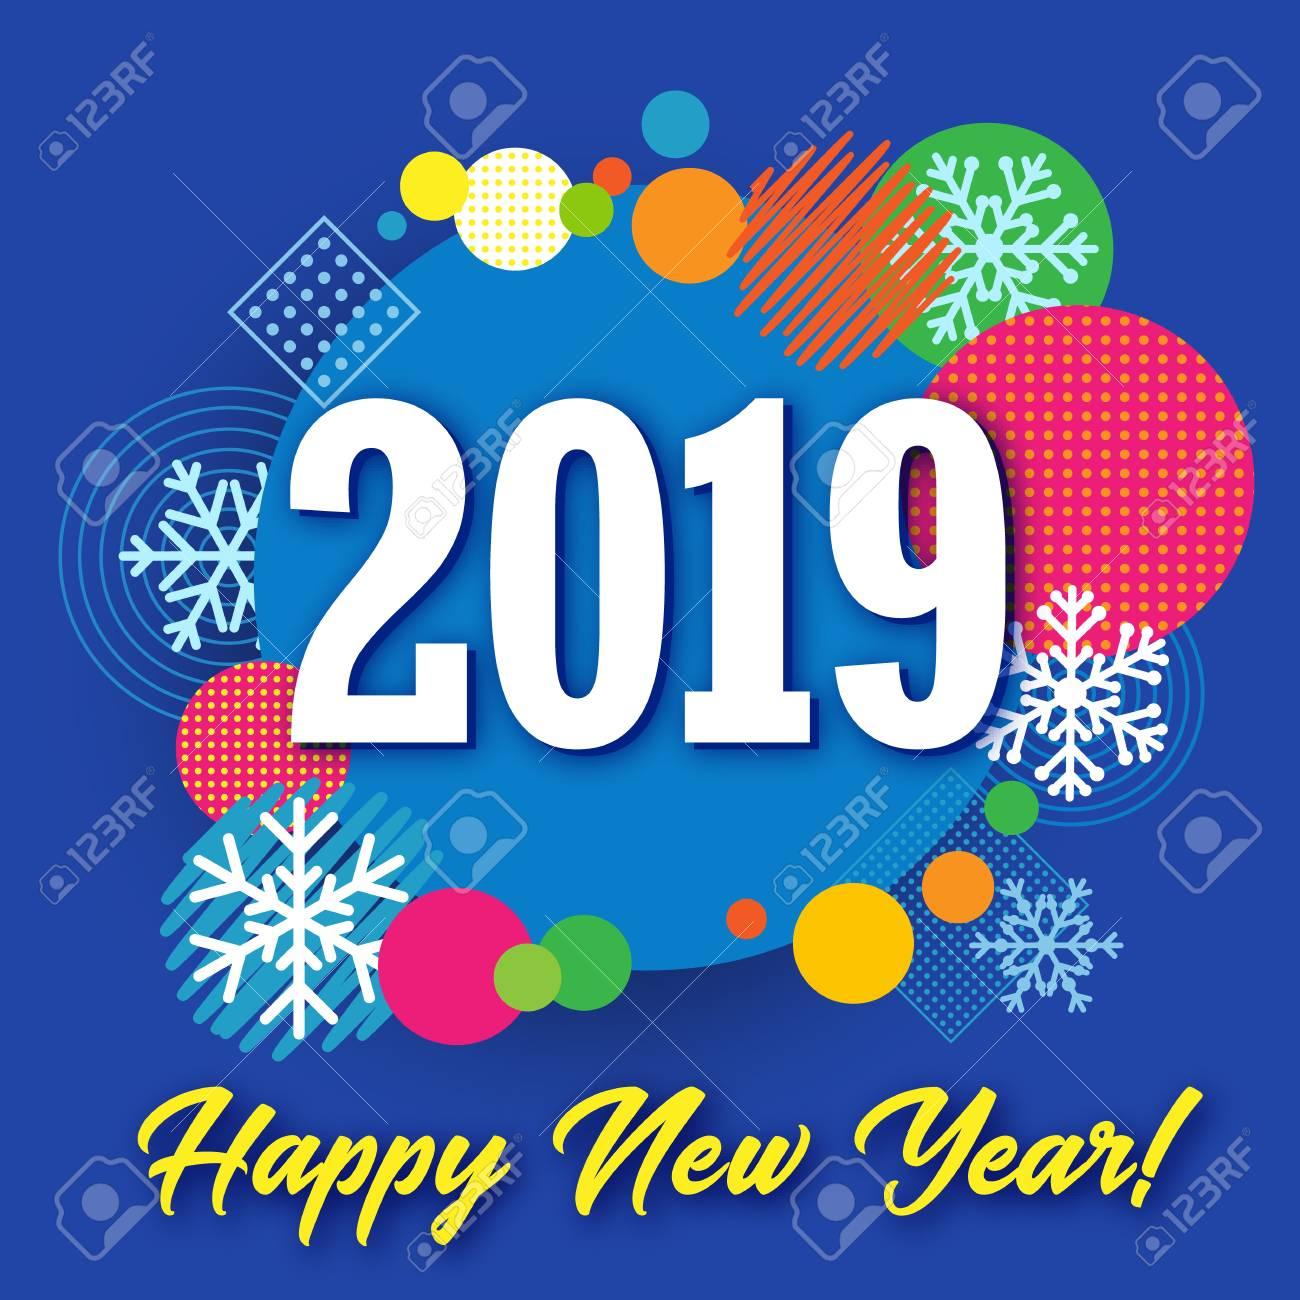 Brindemos en Navidad - Página 2 91414741-2019-feliz-a%C3%B1o-nuevo-banner-creativo-c%C3%ADrculo-de-colores-y-nieve-vector-feliz-a%C3%B1o-nuevo-saludo-ilustraci%C3%B3n-con-2